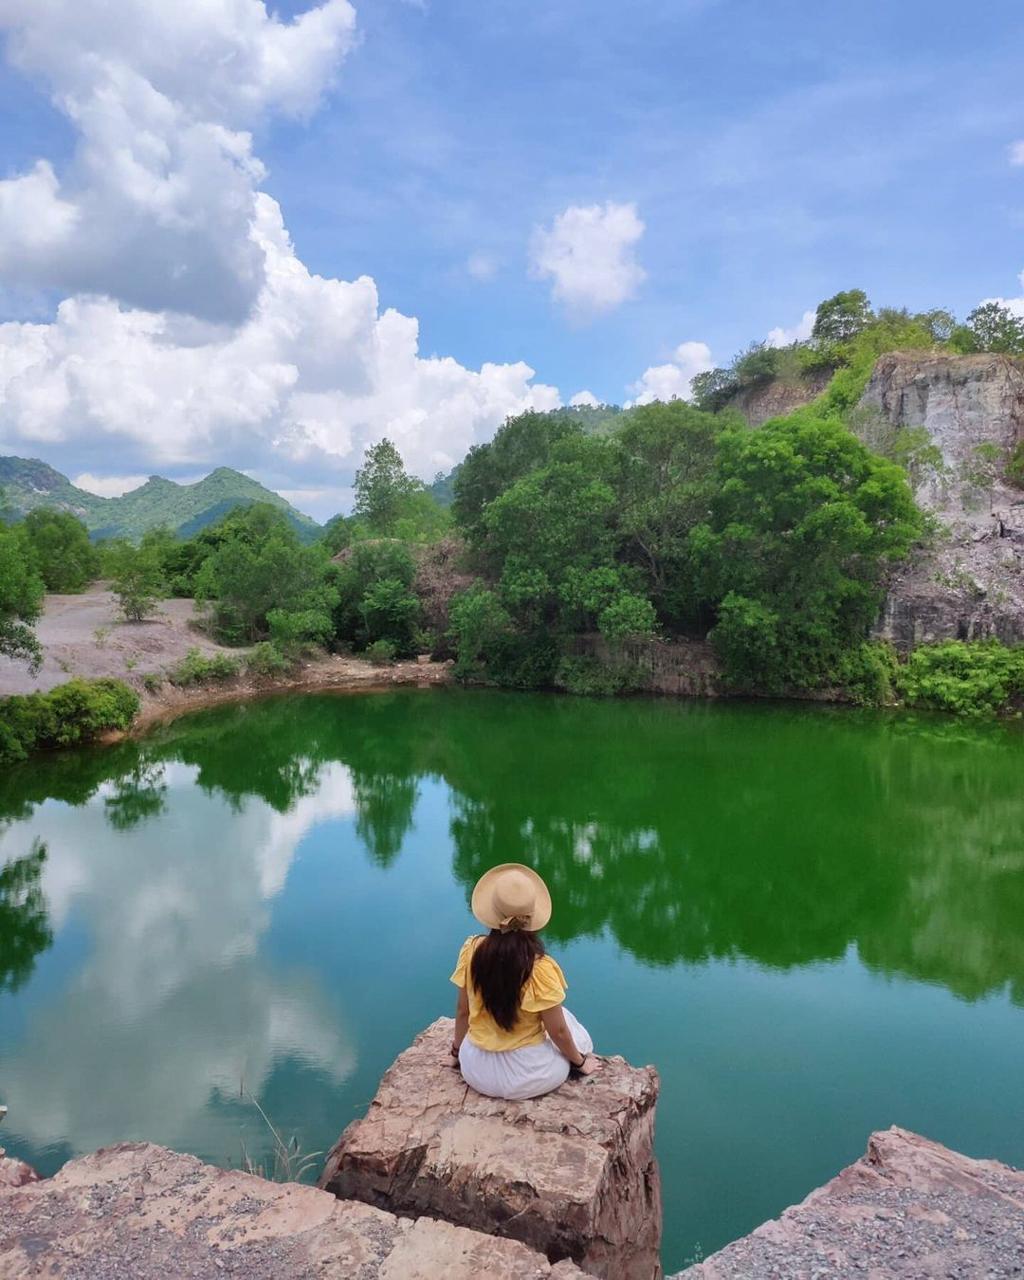 Khách du lịch check in trên đối đá của hồ